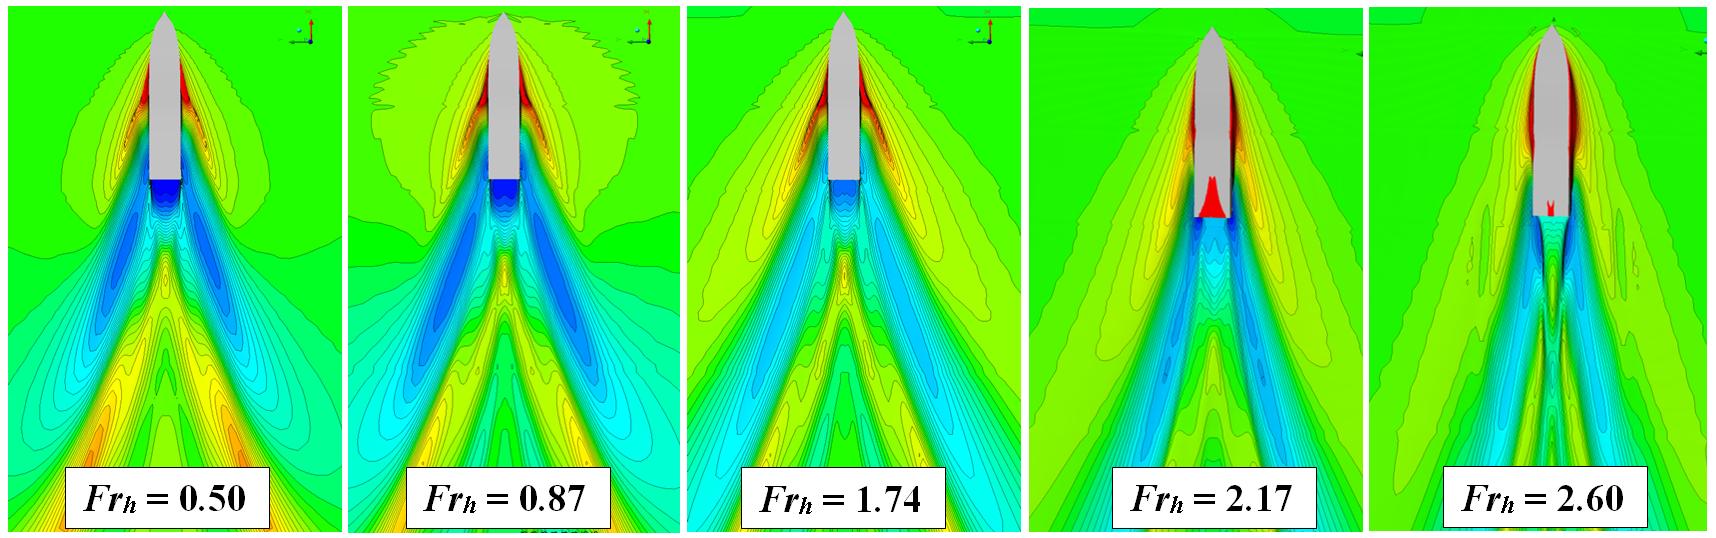 CFD-Simulation des Wellenbildes eines Schiffes bei unterschiedlichen Froude-Zahlen.